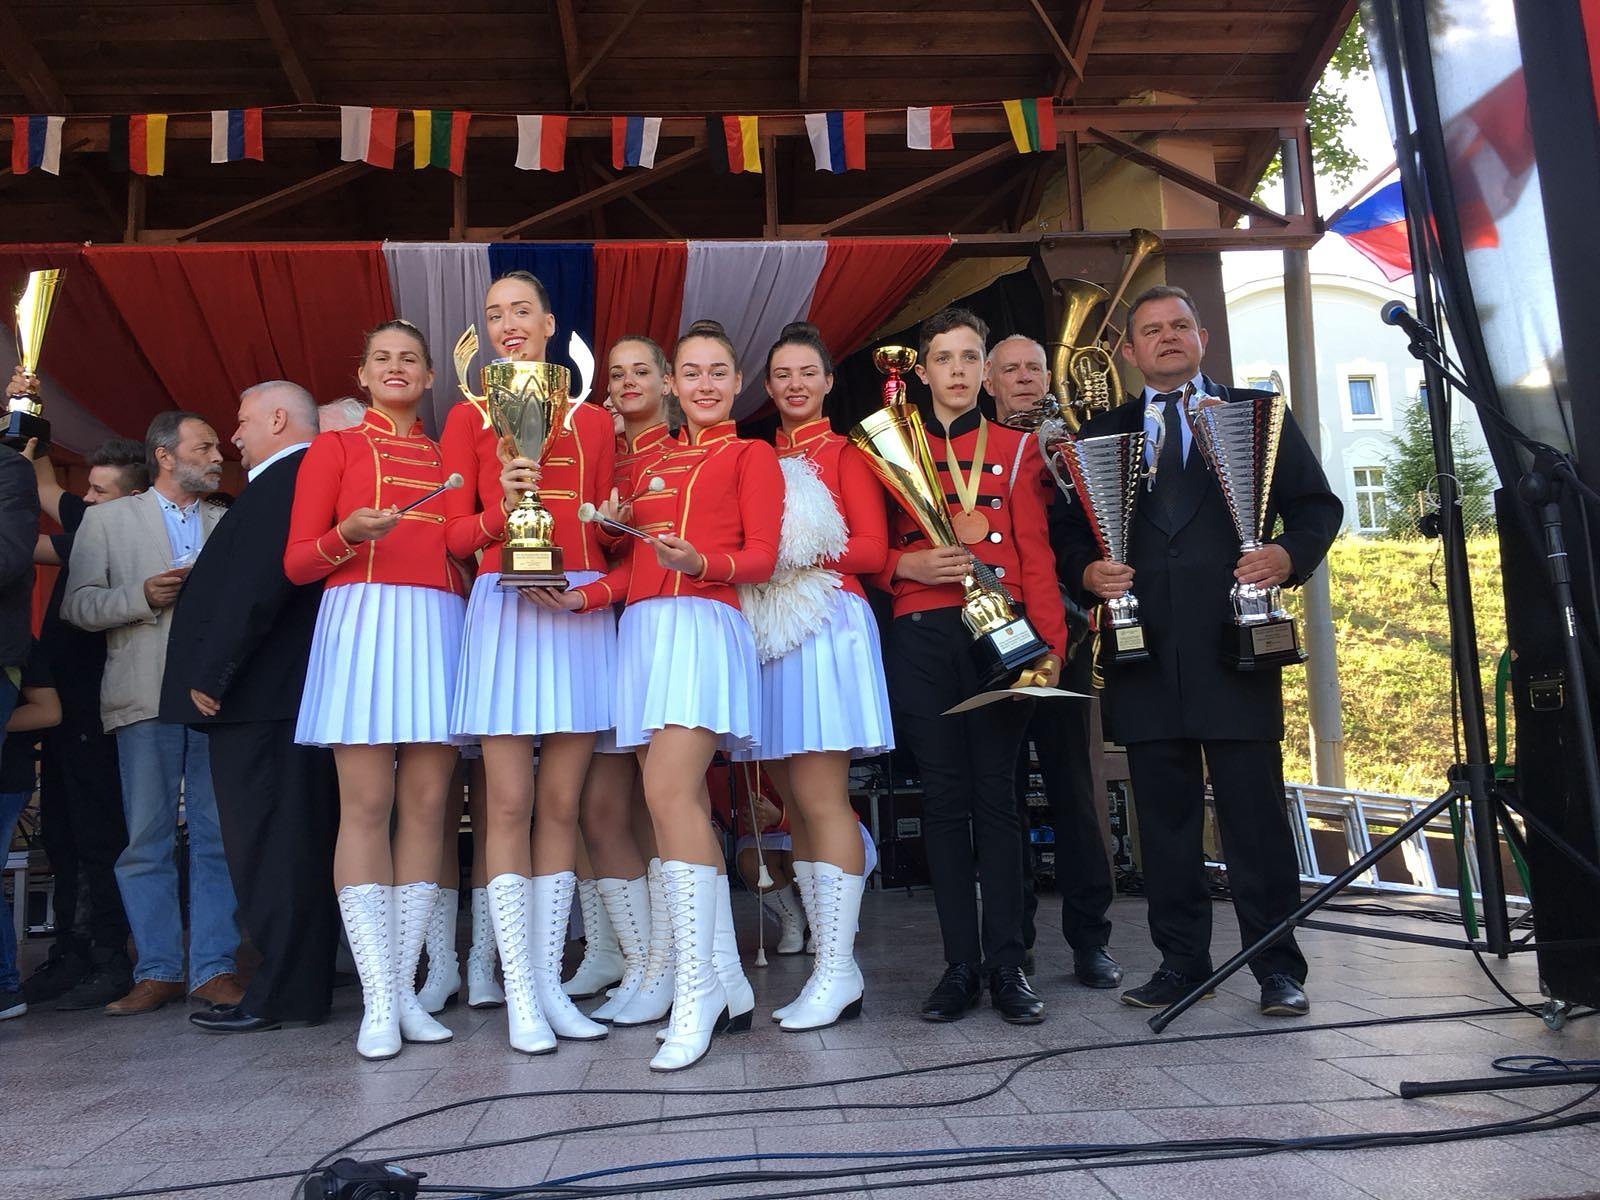 Liepājnieki plūc laurus starptautiskajā pūtēju orķestru festivālā